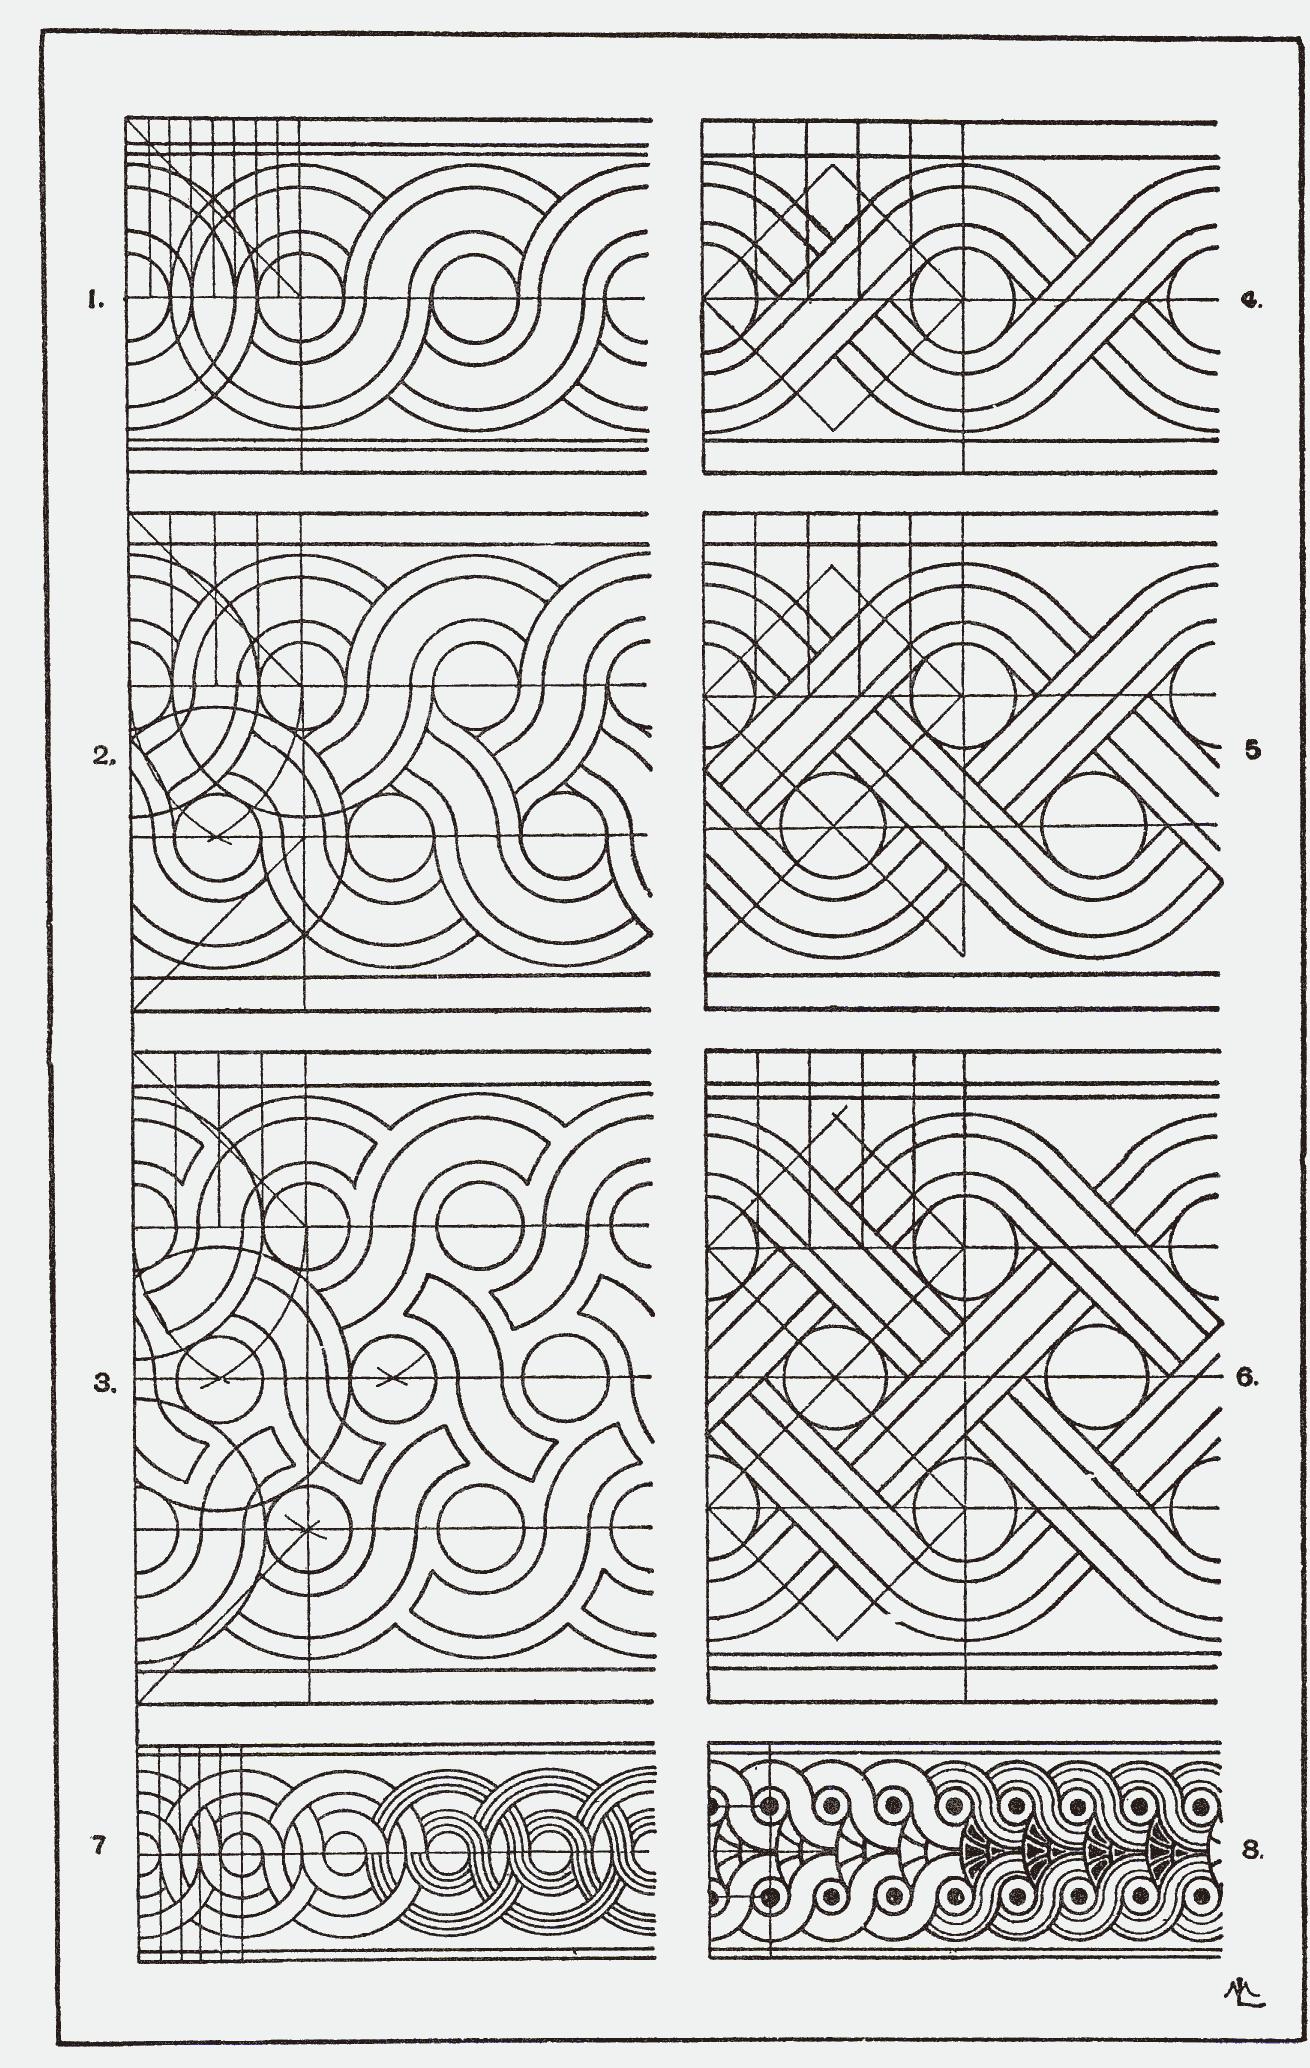 File:Orna086-Flechtband.png - Wikimedia Commons